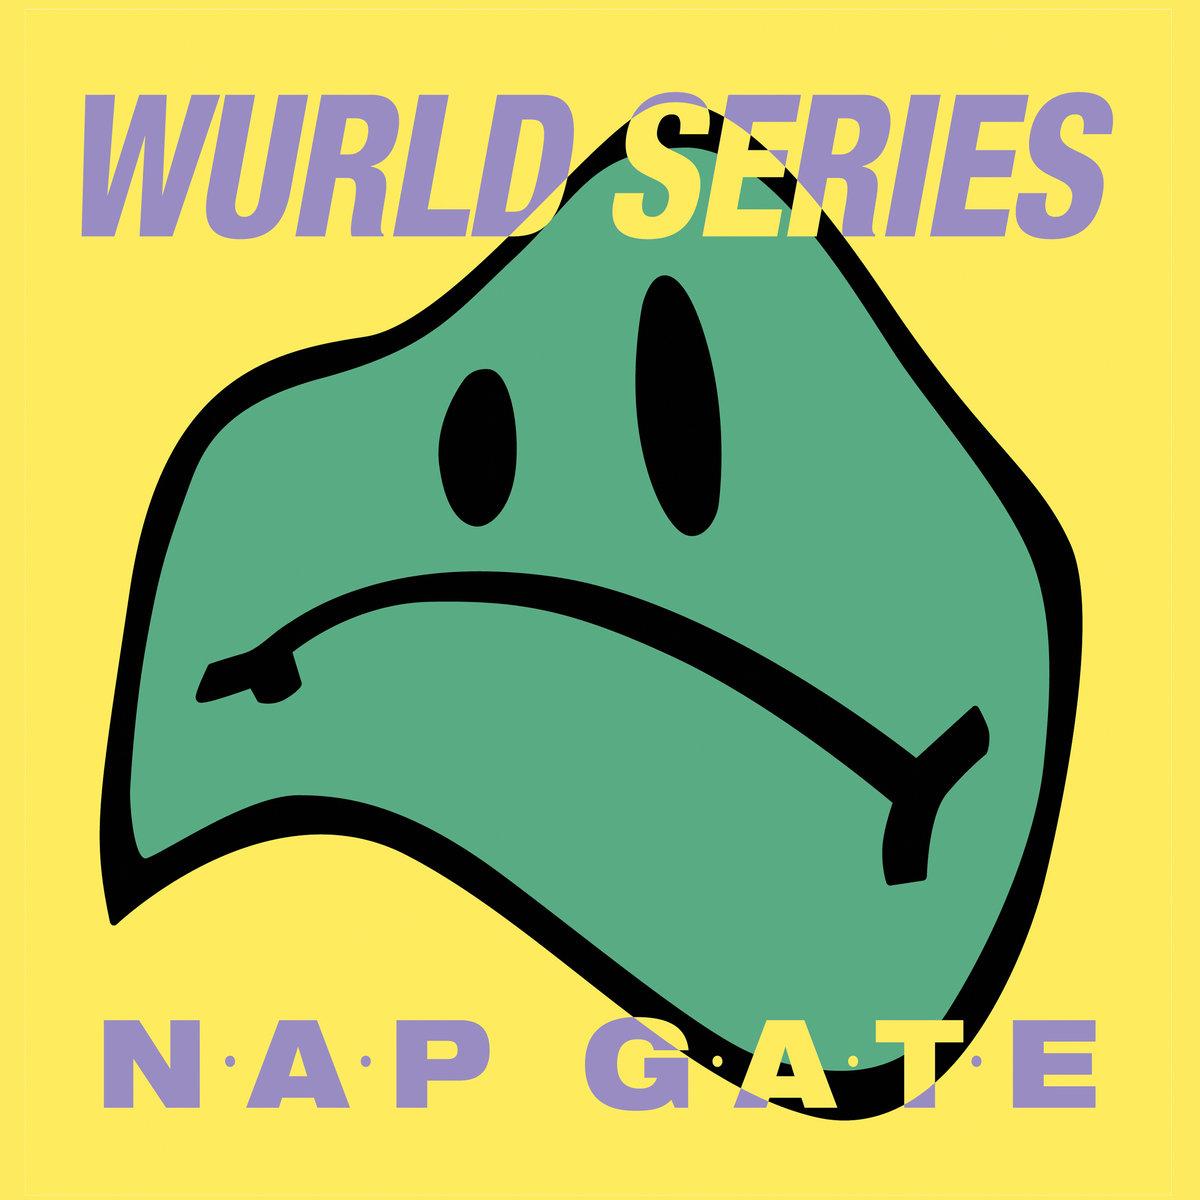 Nap Gate